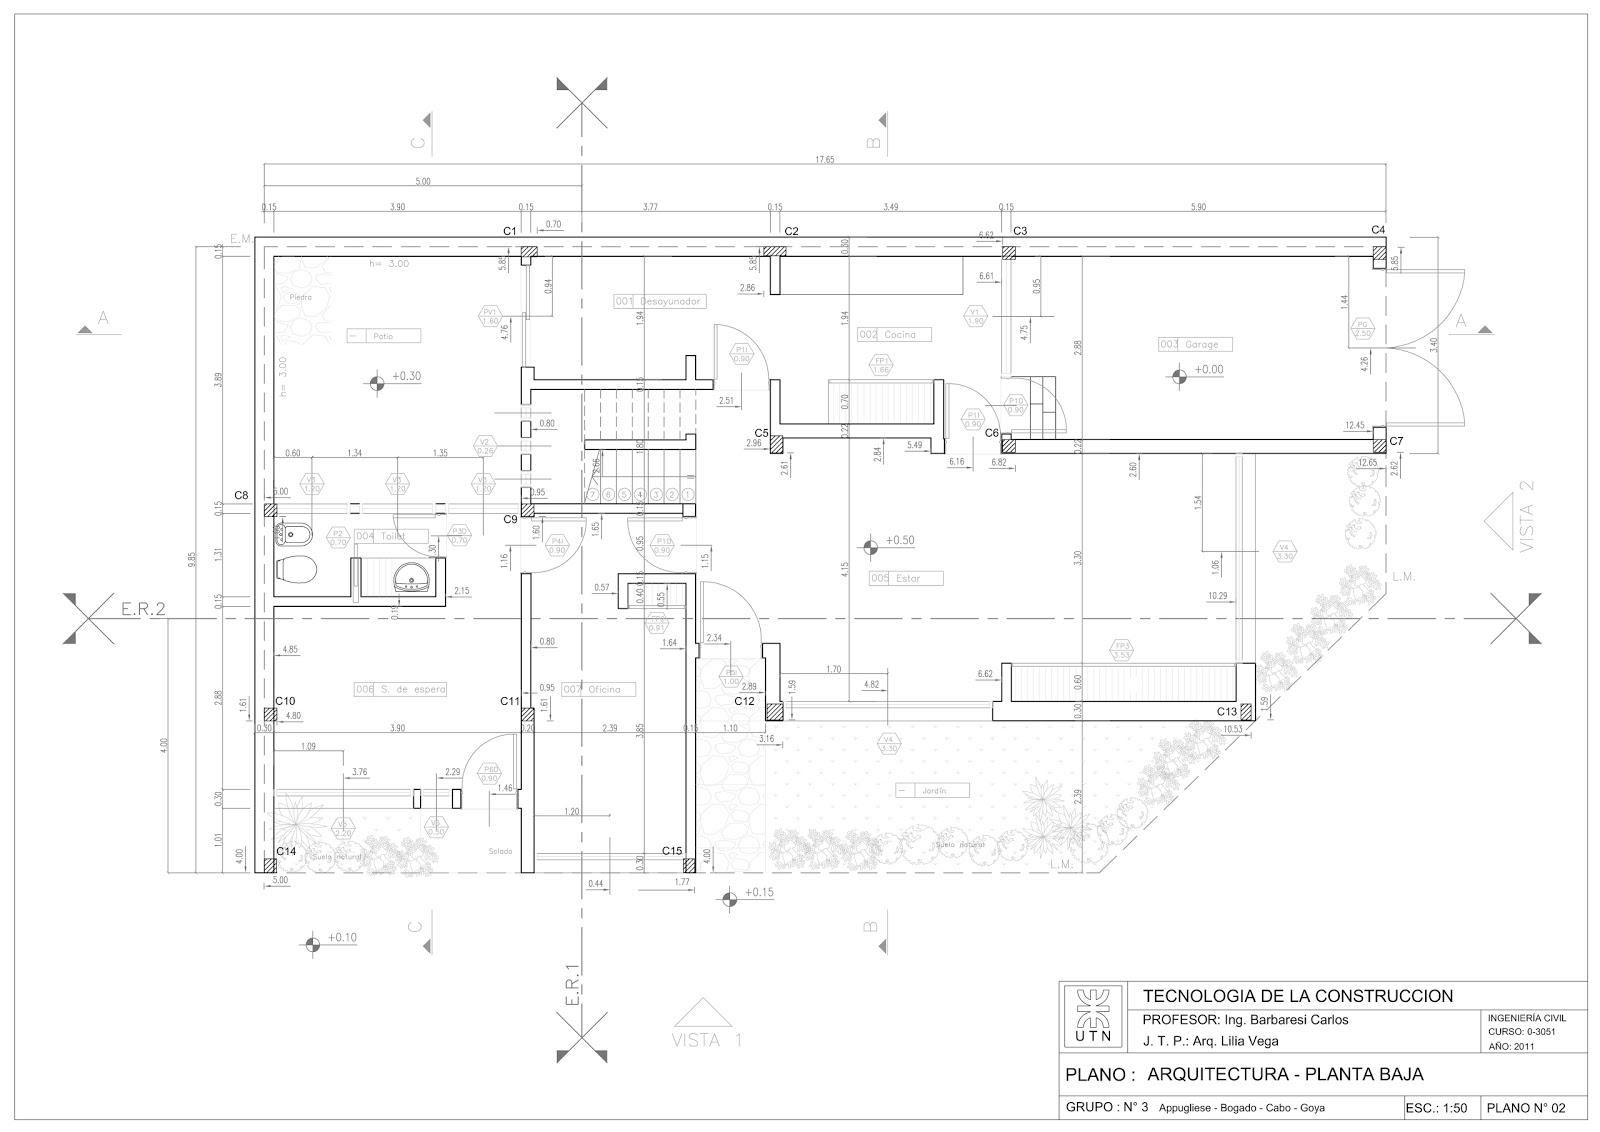 Detalles constructivos cad plano replanteo arquitectura y for Arquitectura planos y disenos